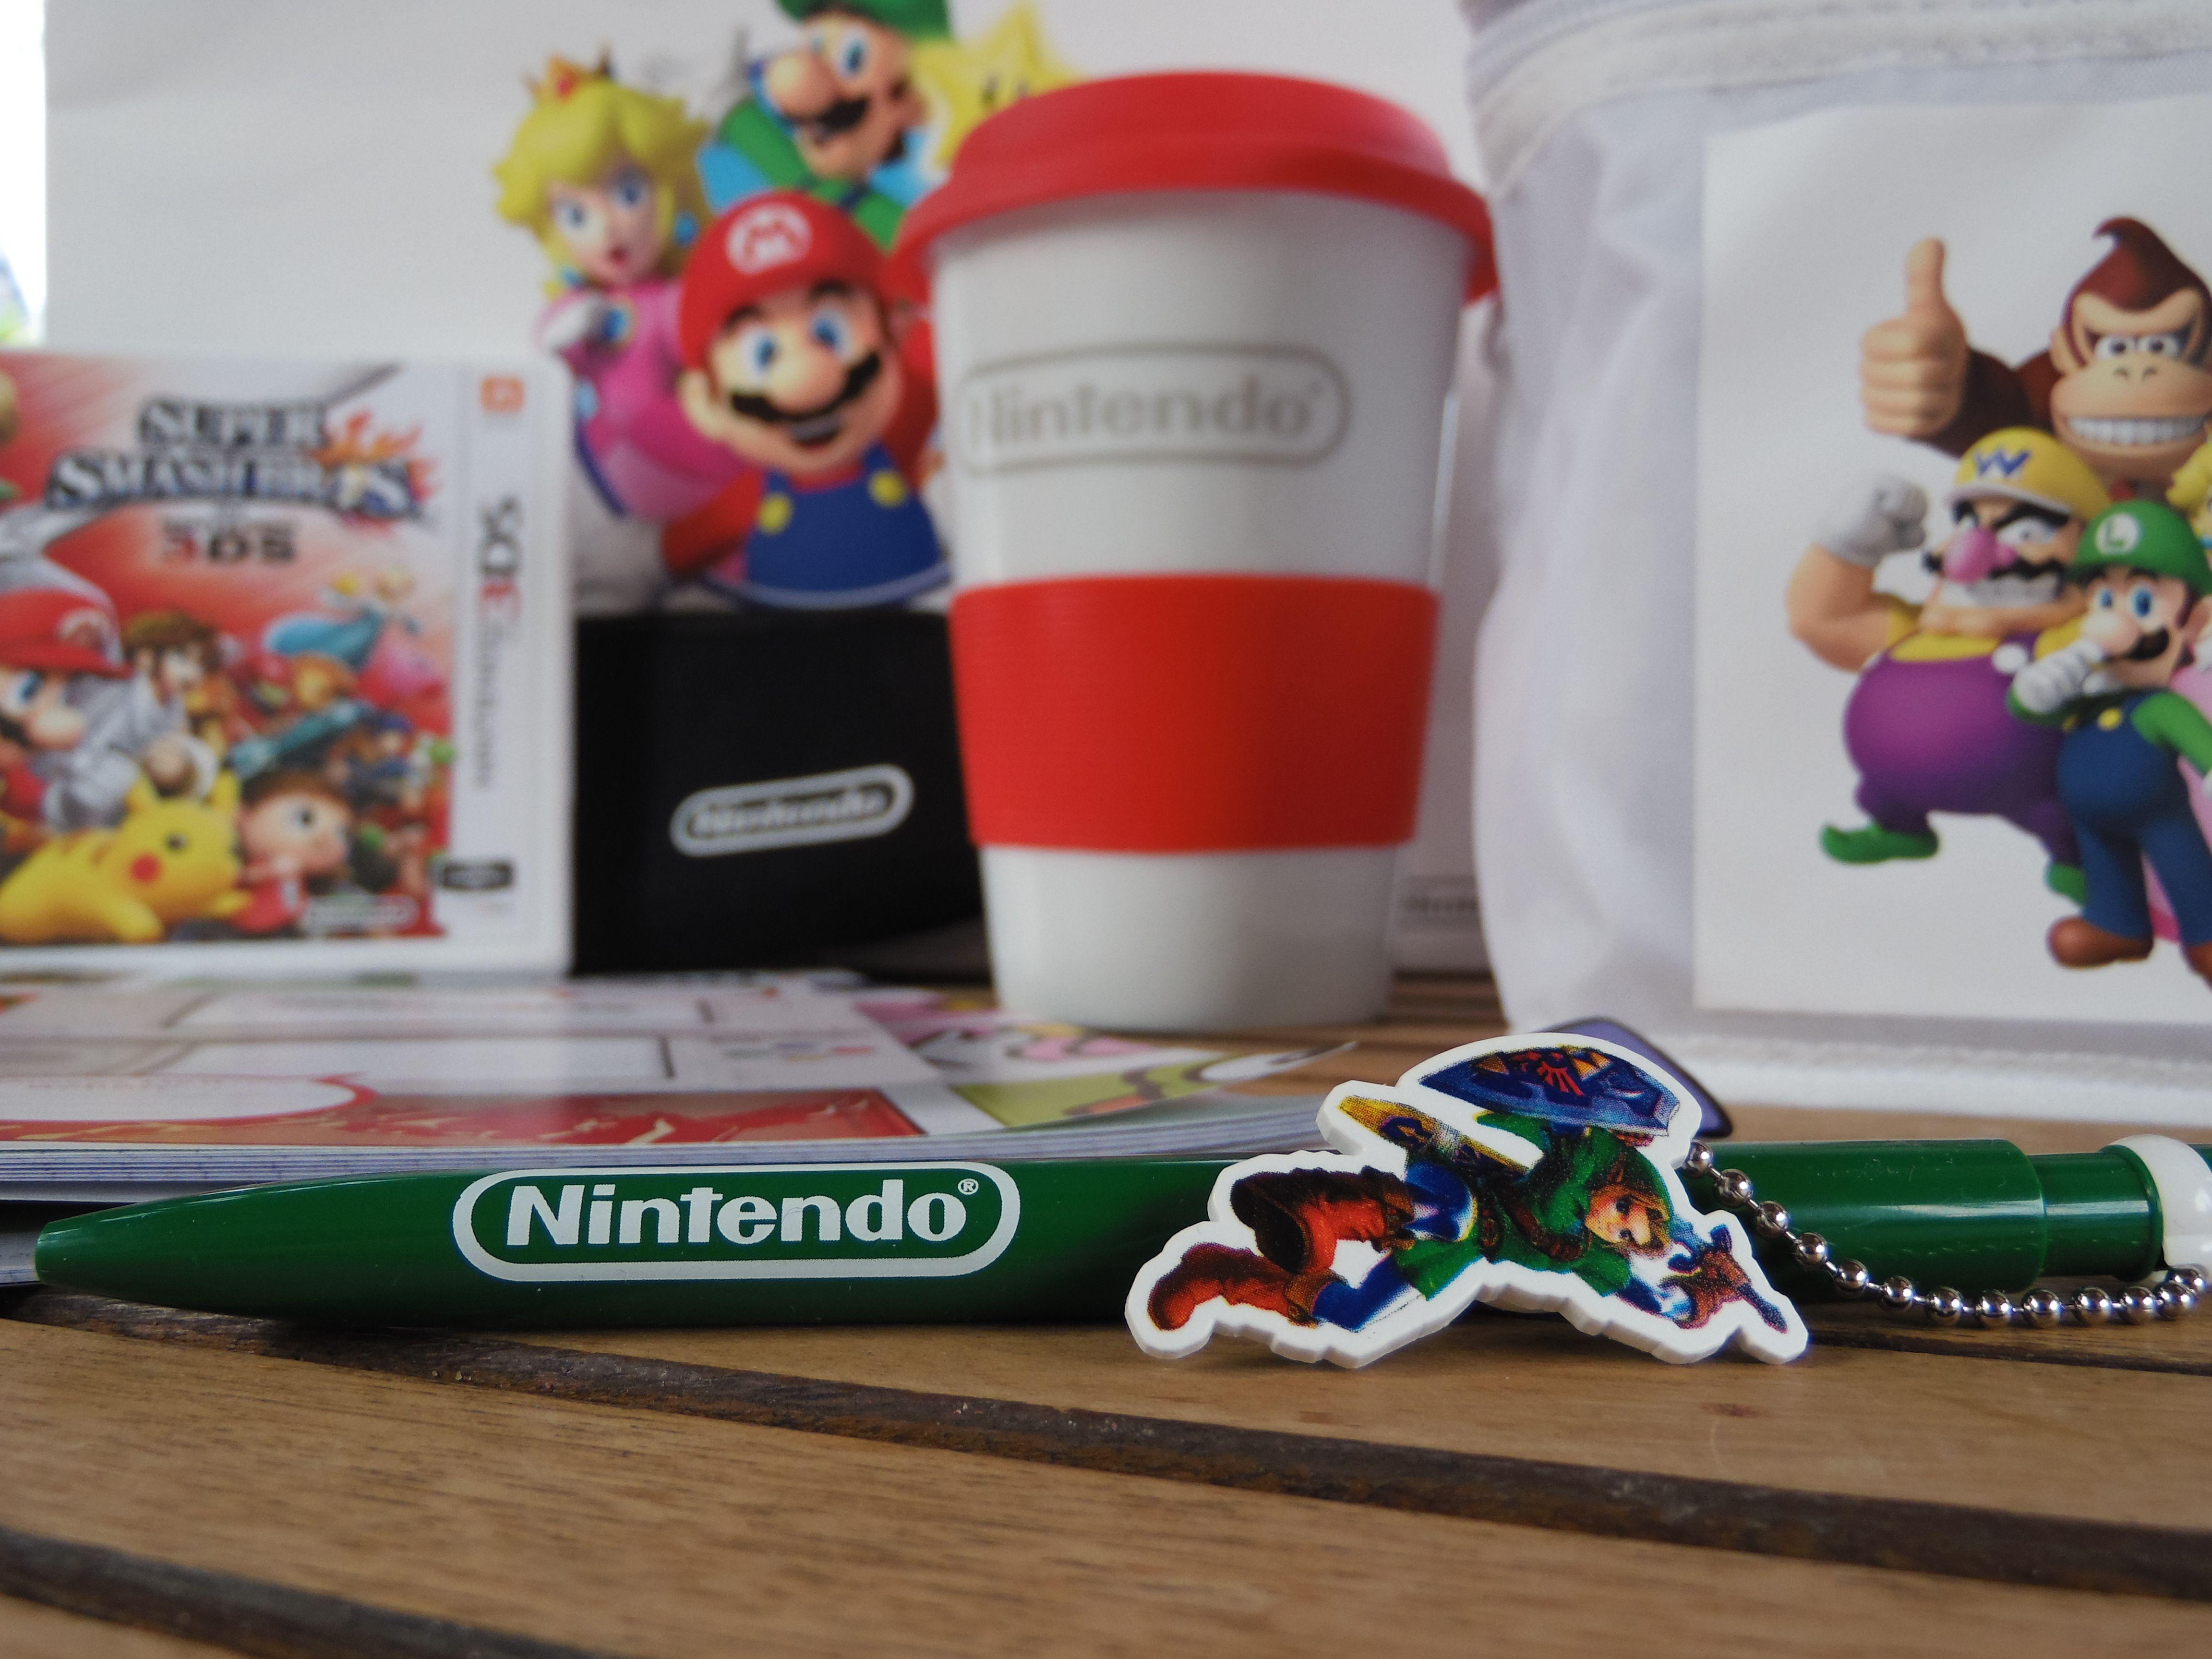 Nintendo auf dem #mfbt15  http://frinis-test-stuebchen.de/2015/10/nintendo-beim-mfbt15-bloggertreffen-super-smash-bros-fuer-3ds/